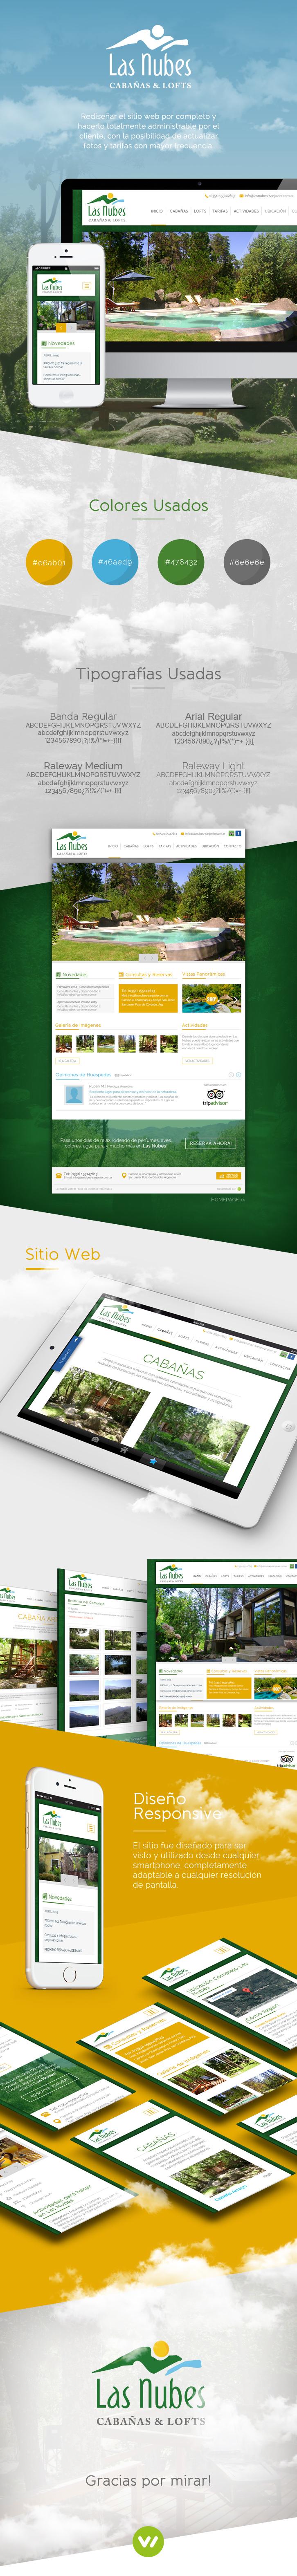 Pagina Web de Cabañas